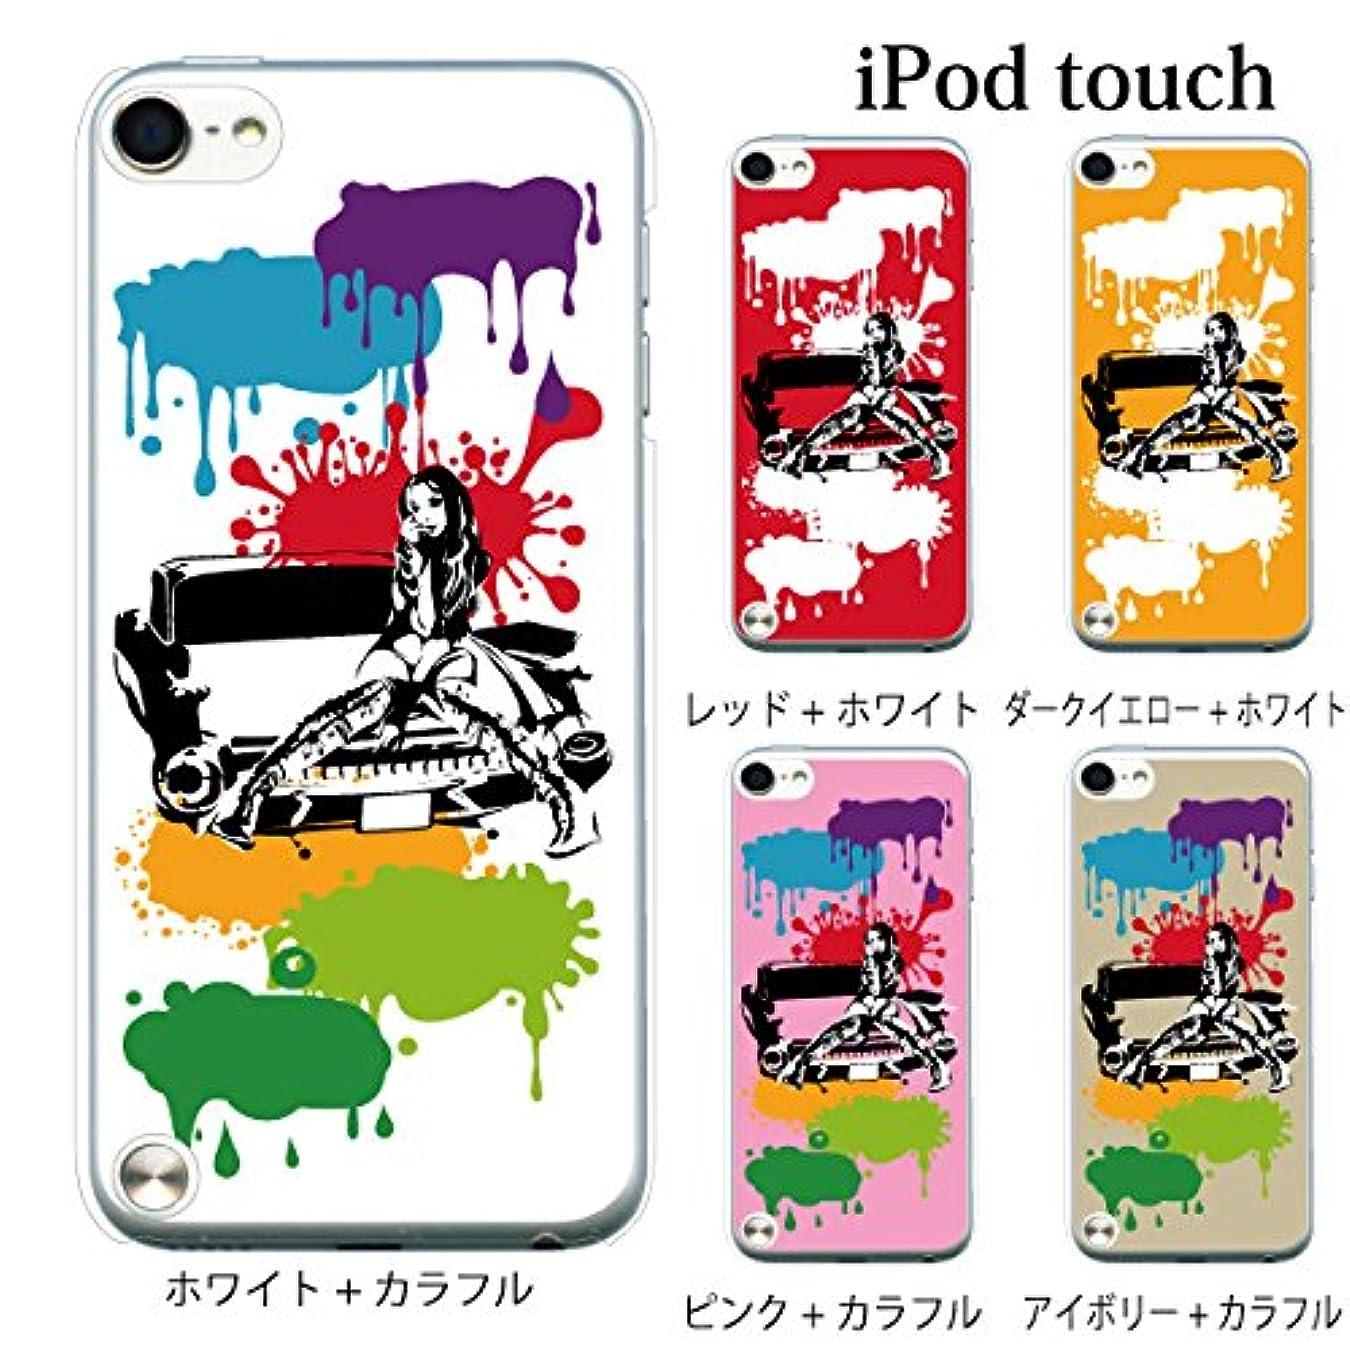 山岳スクラップ直径Plus-S iPod touch 第5世代 ケース アメ車ガール カラー 【ダークイエロー+ホワイト】 ハードケース クリア 0135-DYWWH